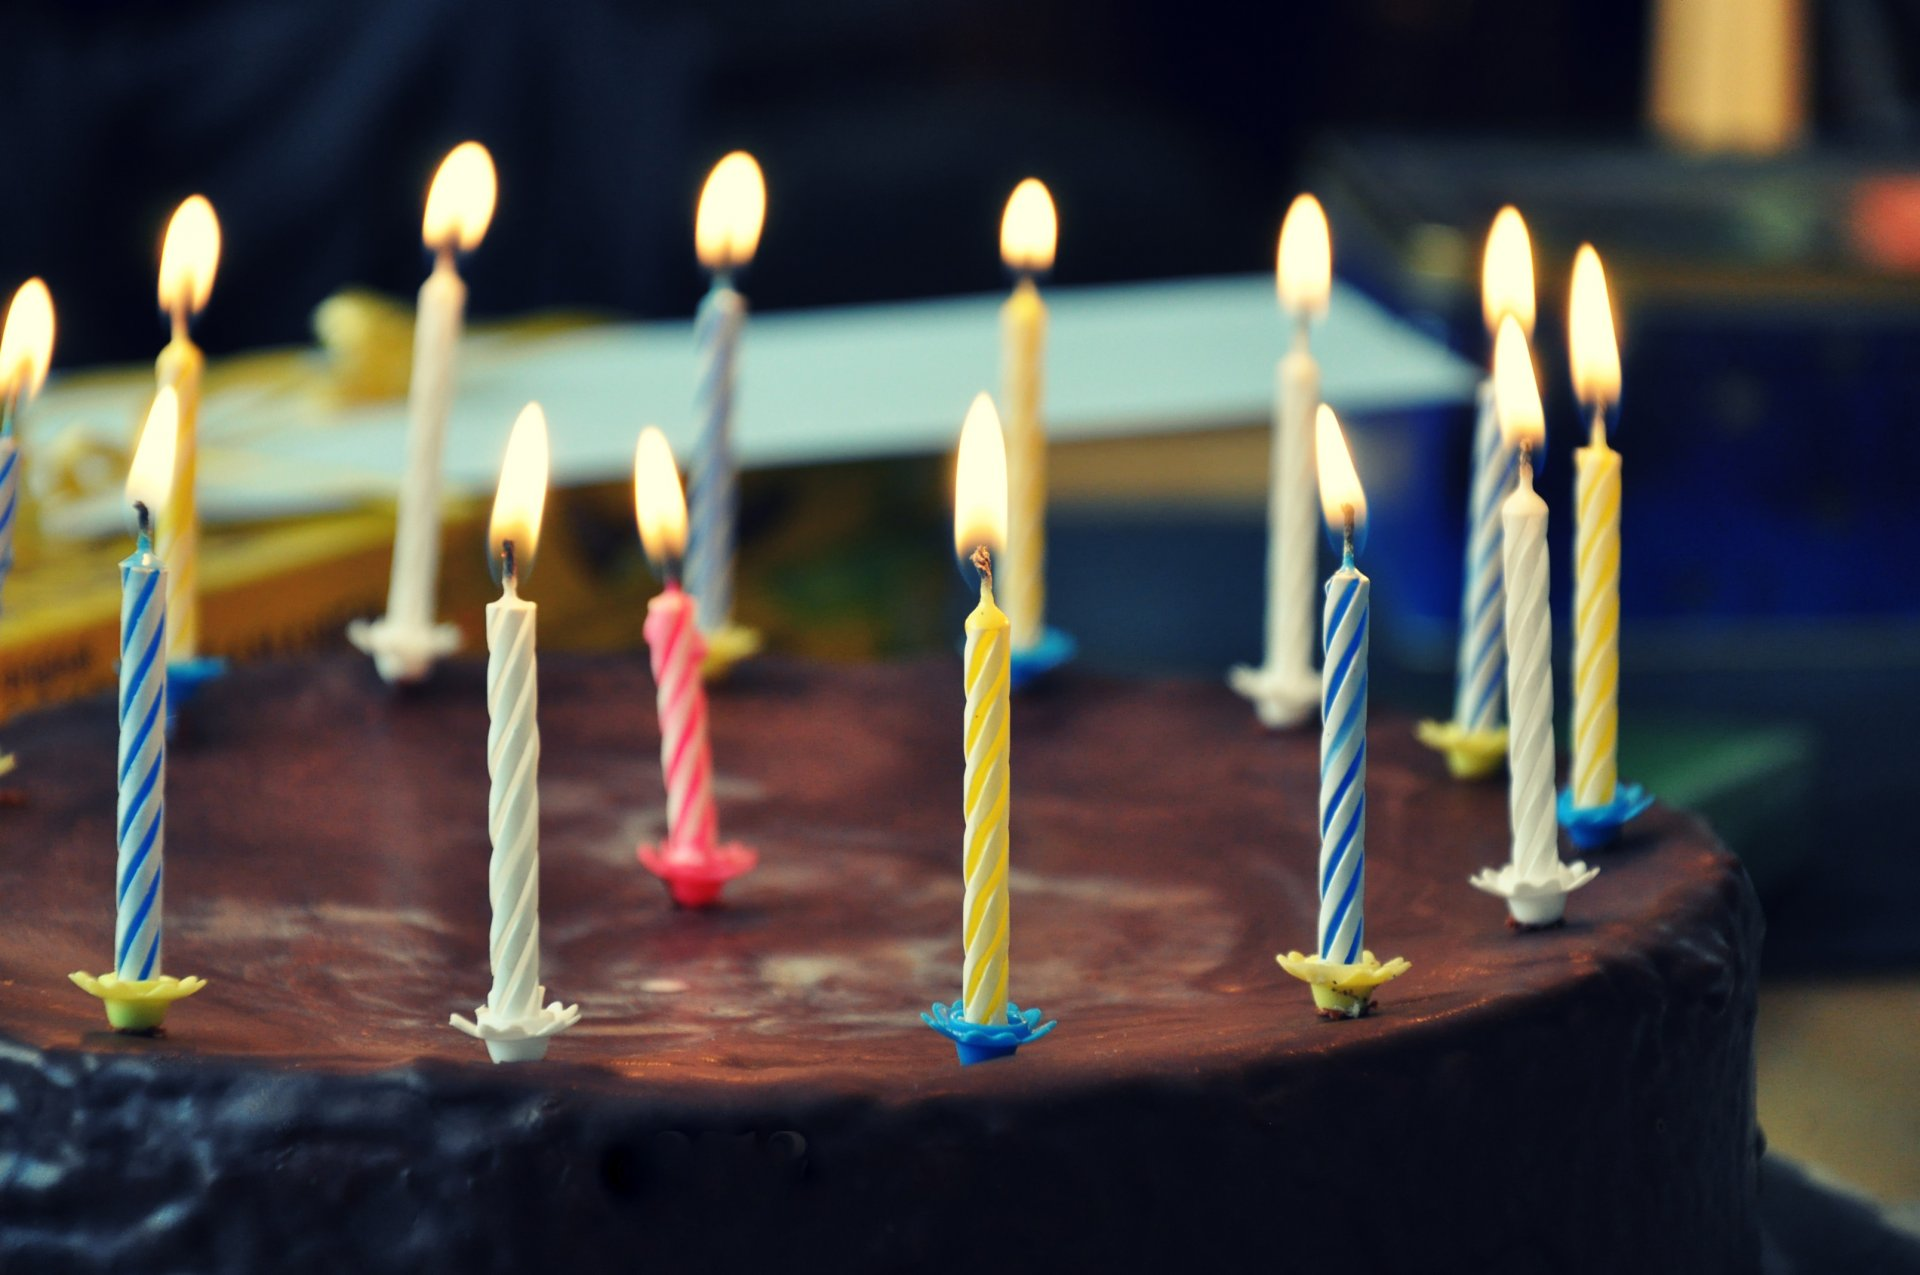 свечи для тортов фото пойманную рыбу